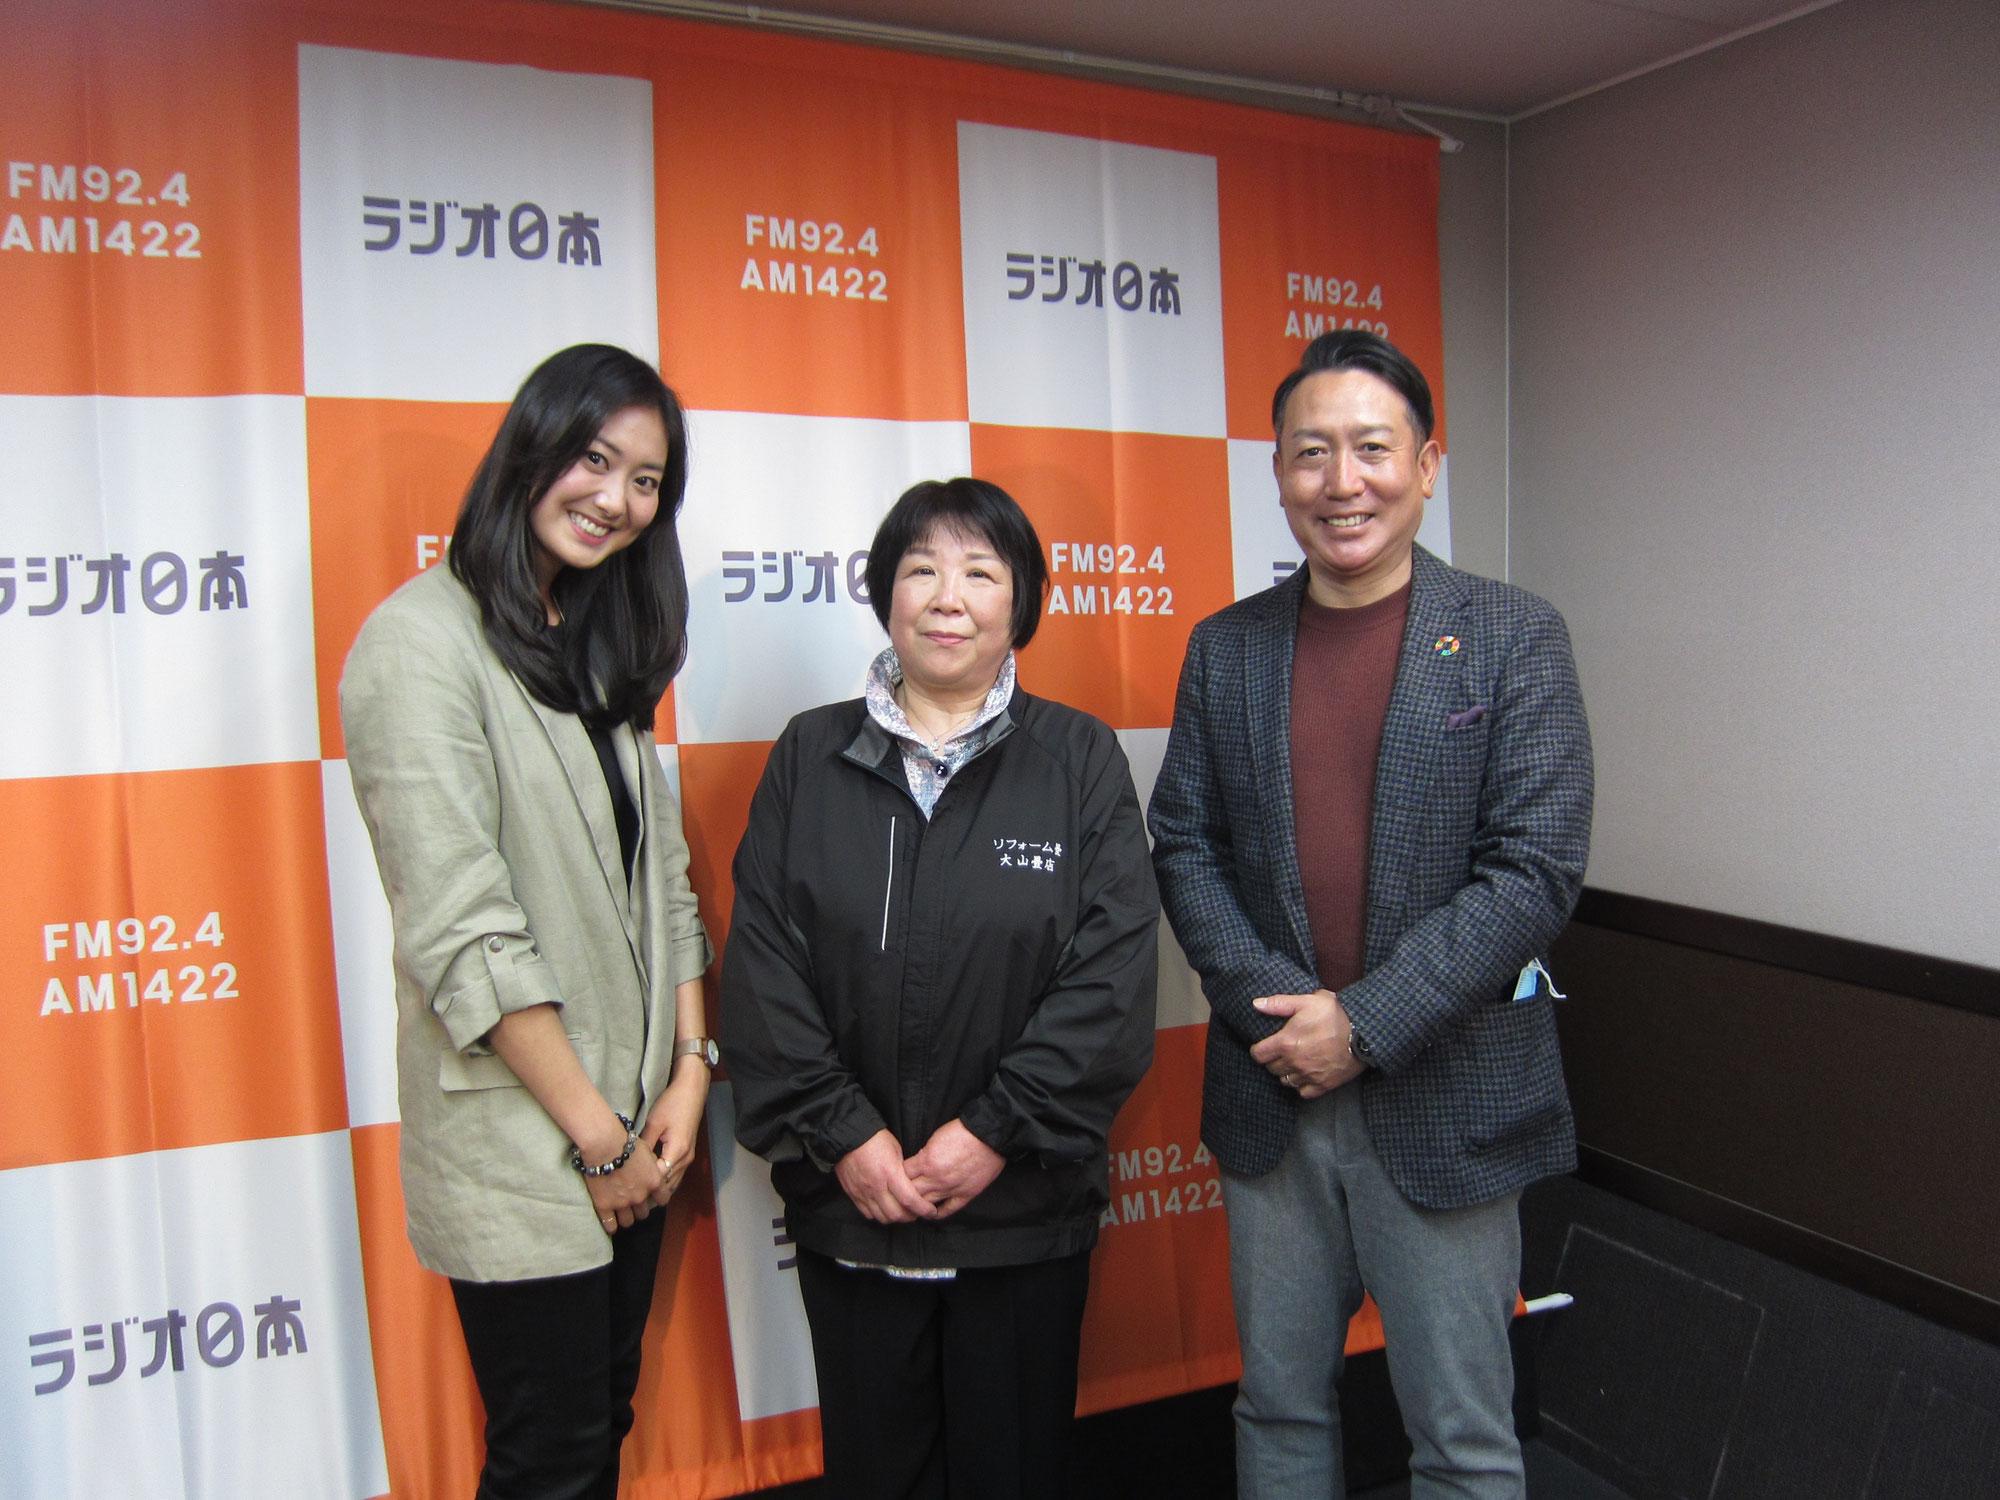 ラジオ日本「埼玉 彩響のおもてなし」に出演させて頂きました。